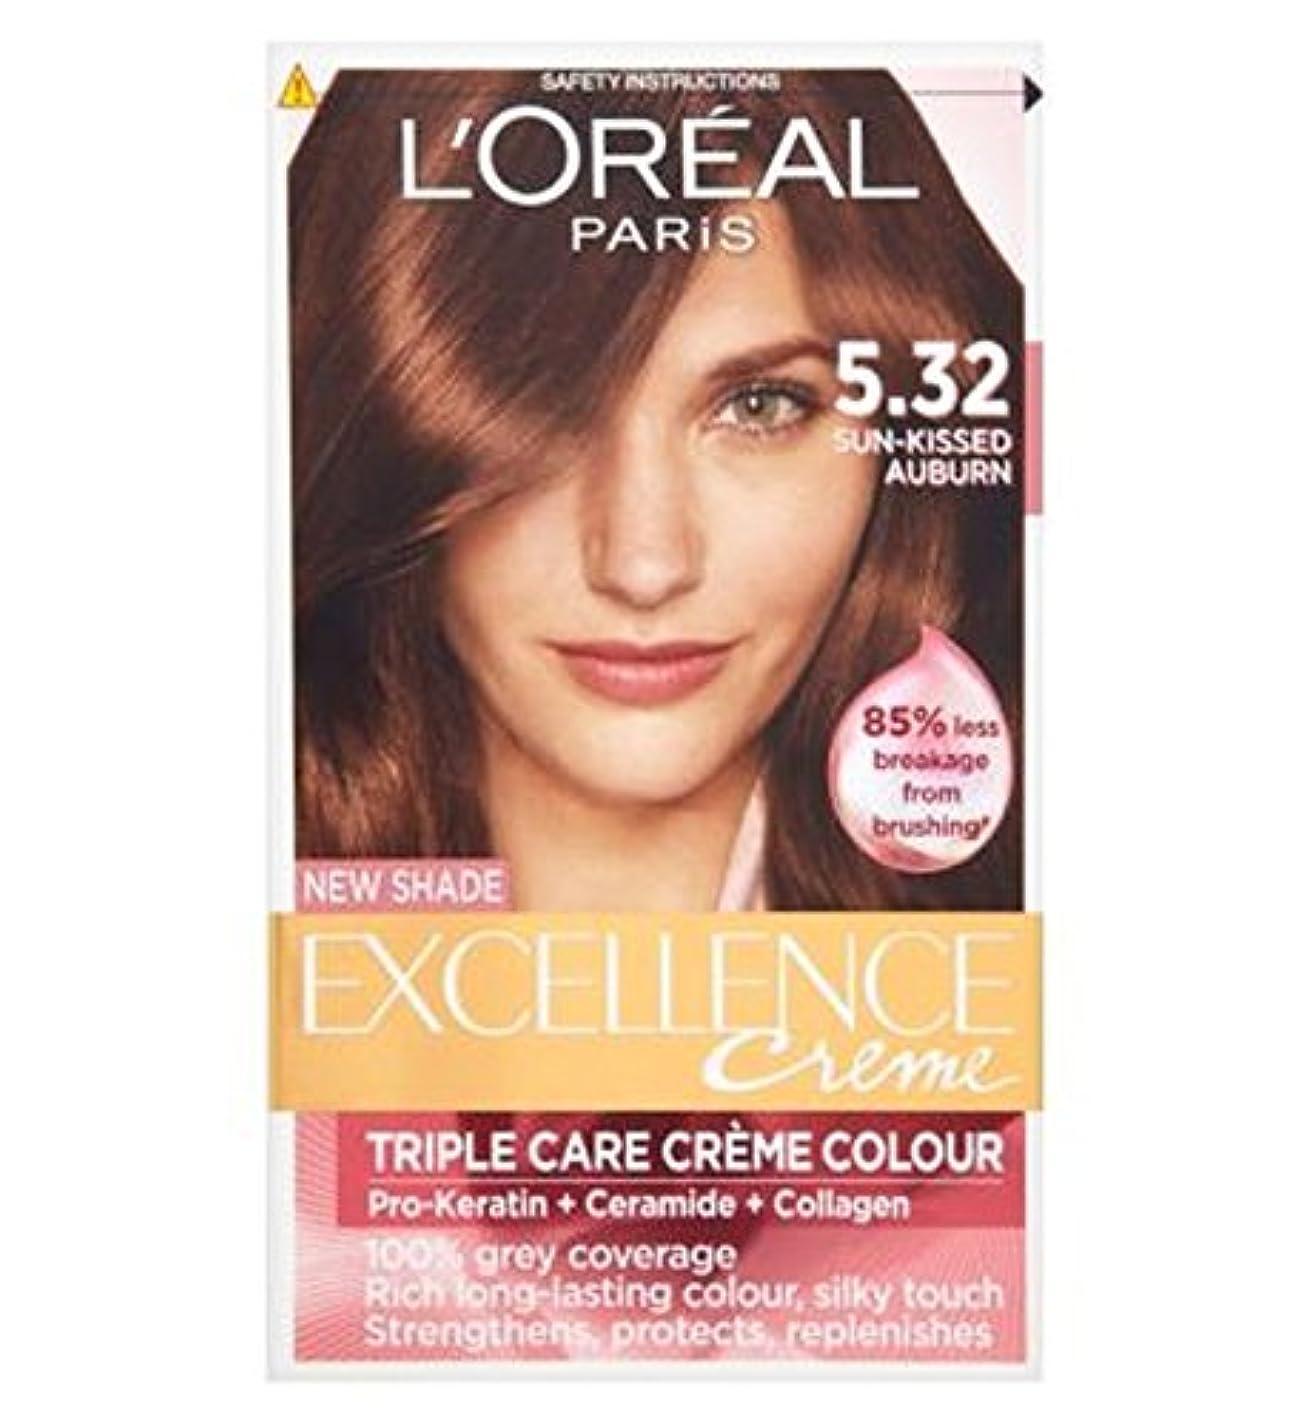 ロードされたがっかりした私のL'Oreall Excellence 5.32 Sun-Kissed Auburn - L'Oreall優秀5.32日、キス赤褐色 (L'Oreal) [並行輸入品]